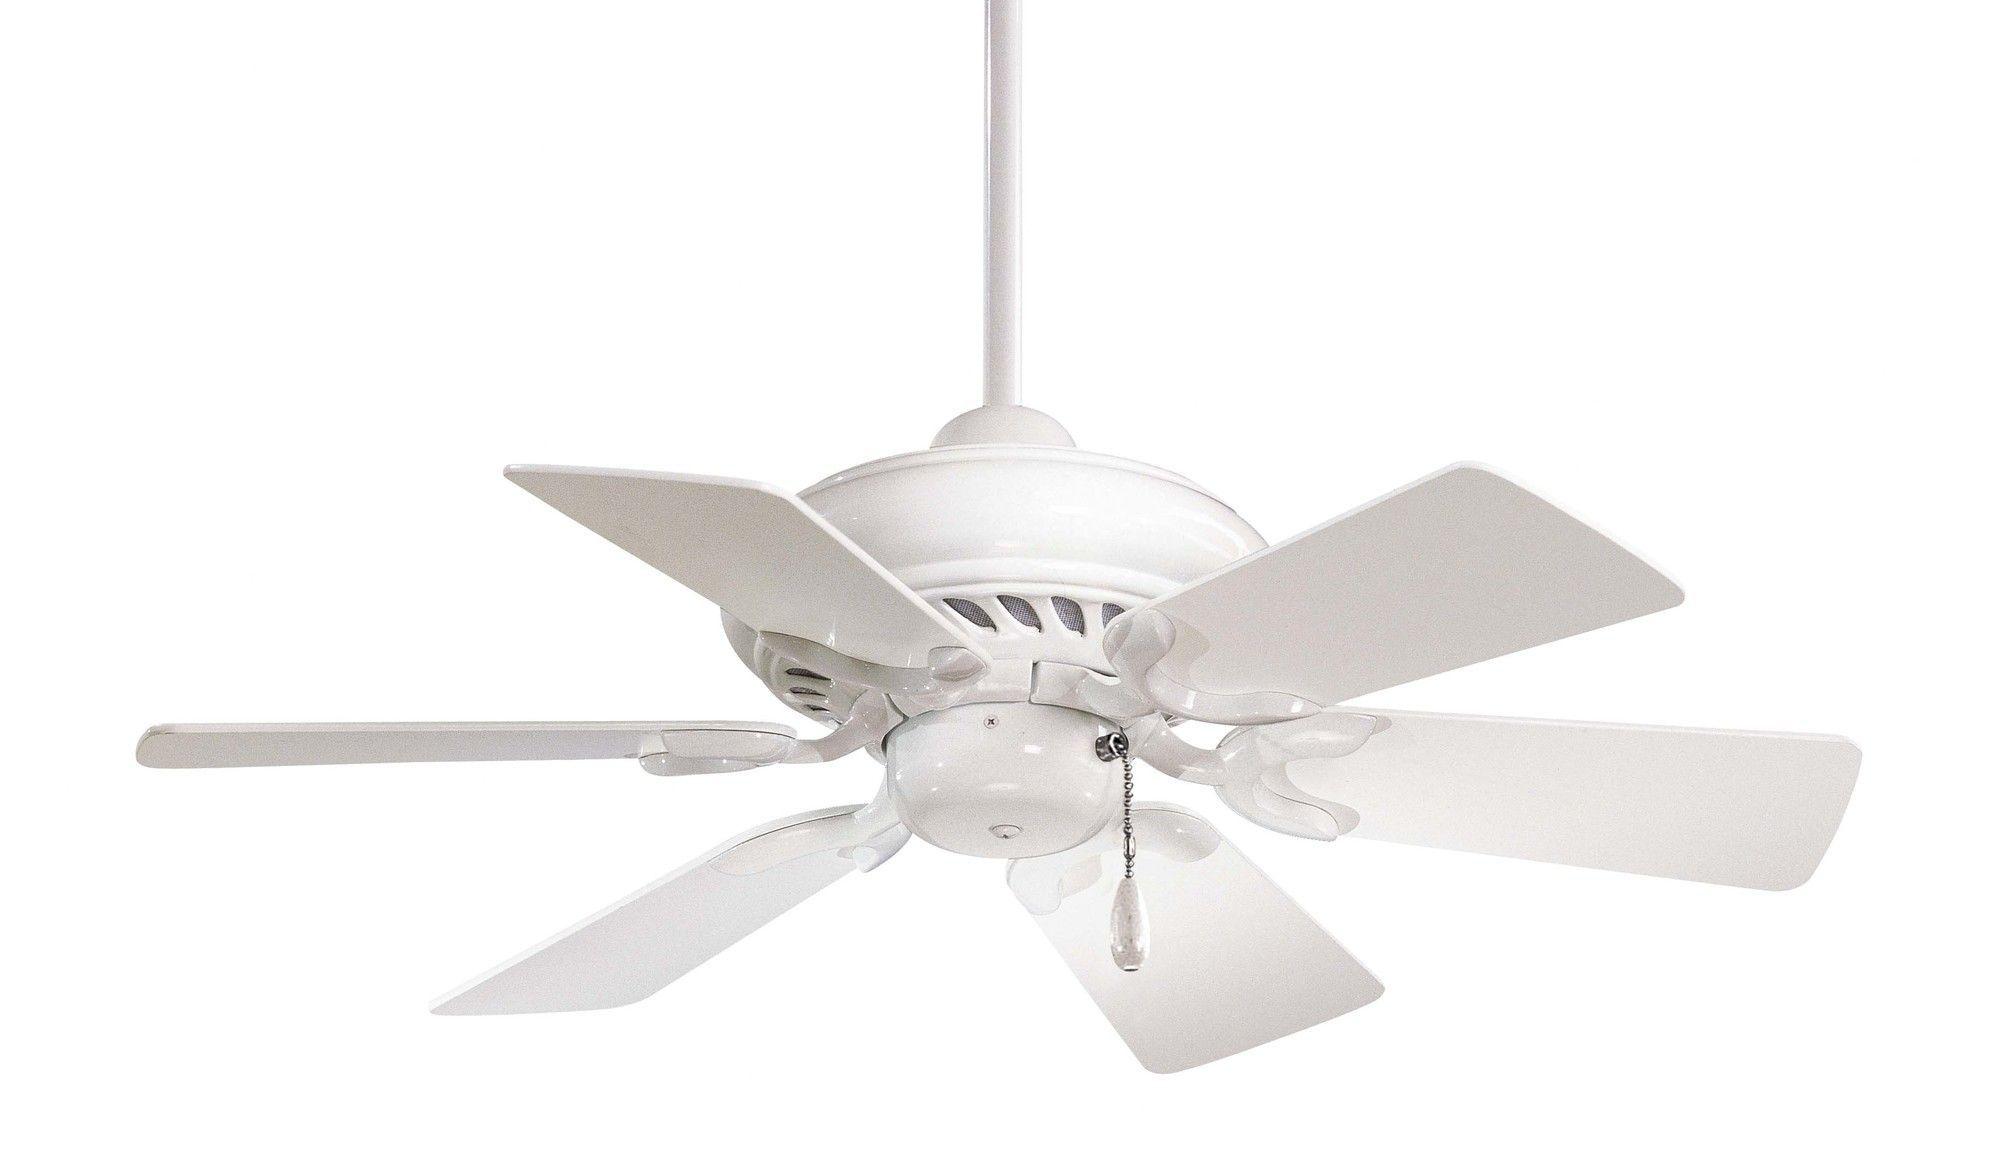 32 Supra 6 Blade Ceiling Fan Ceiling Fan White Ceiling Fan